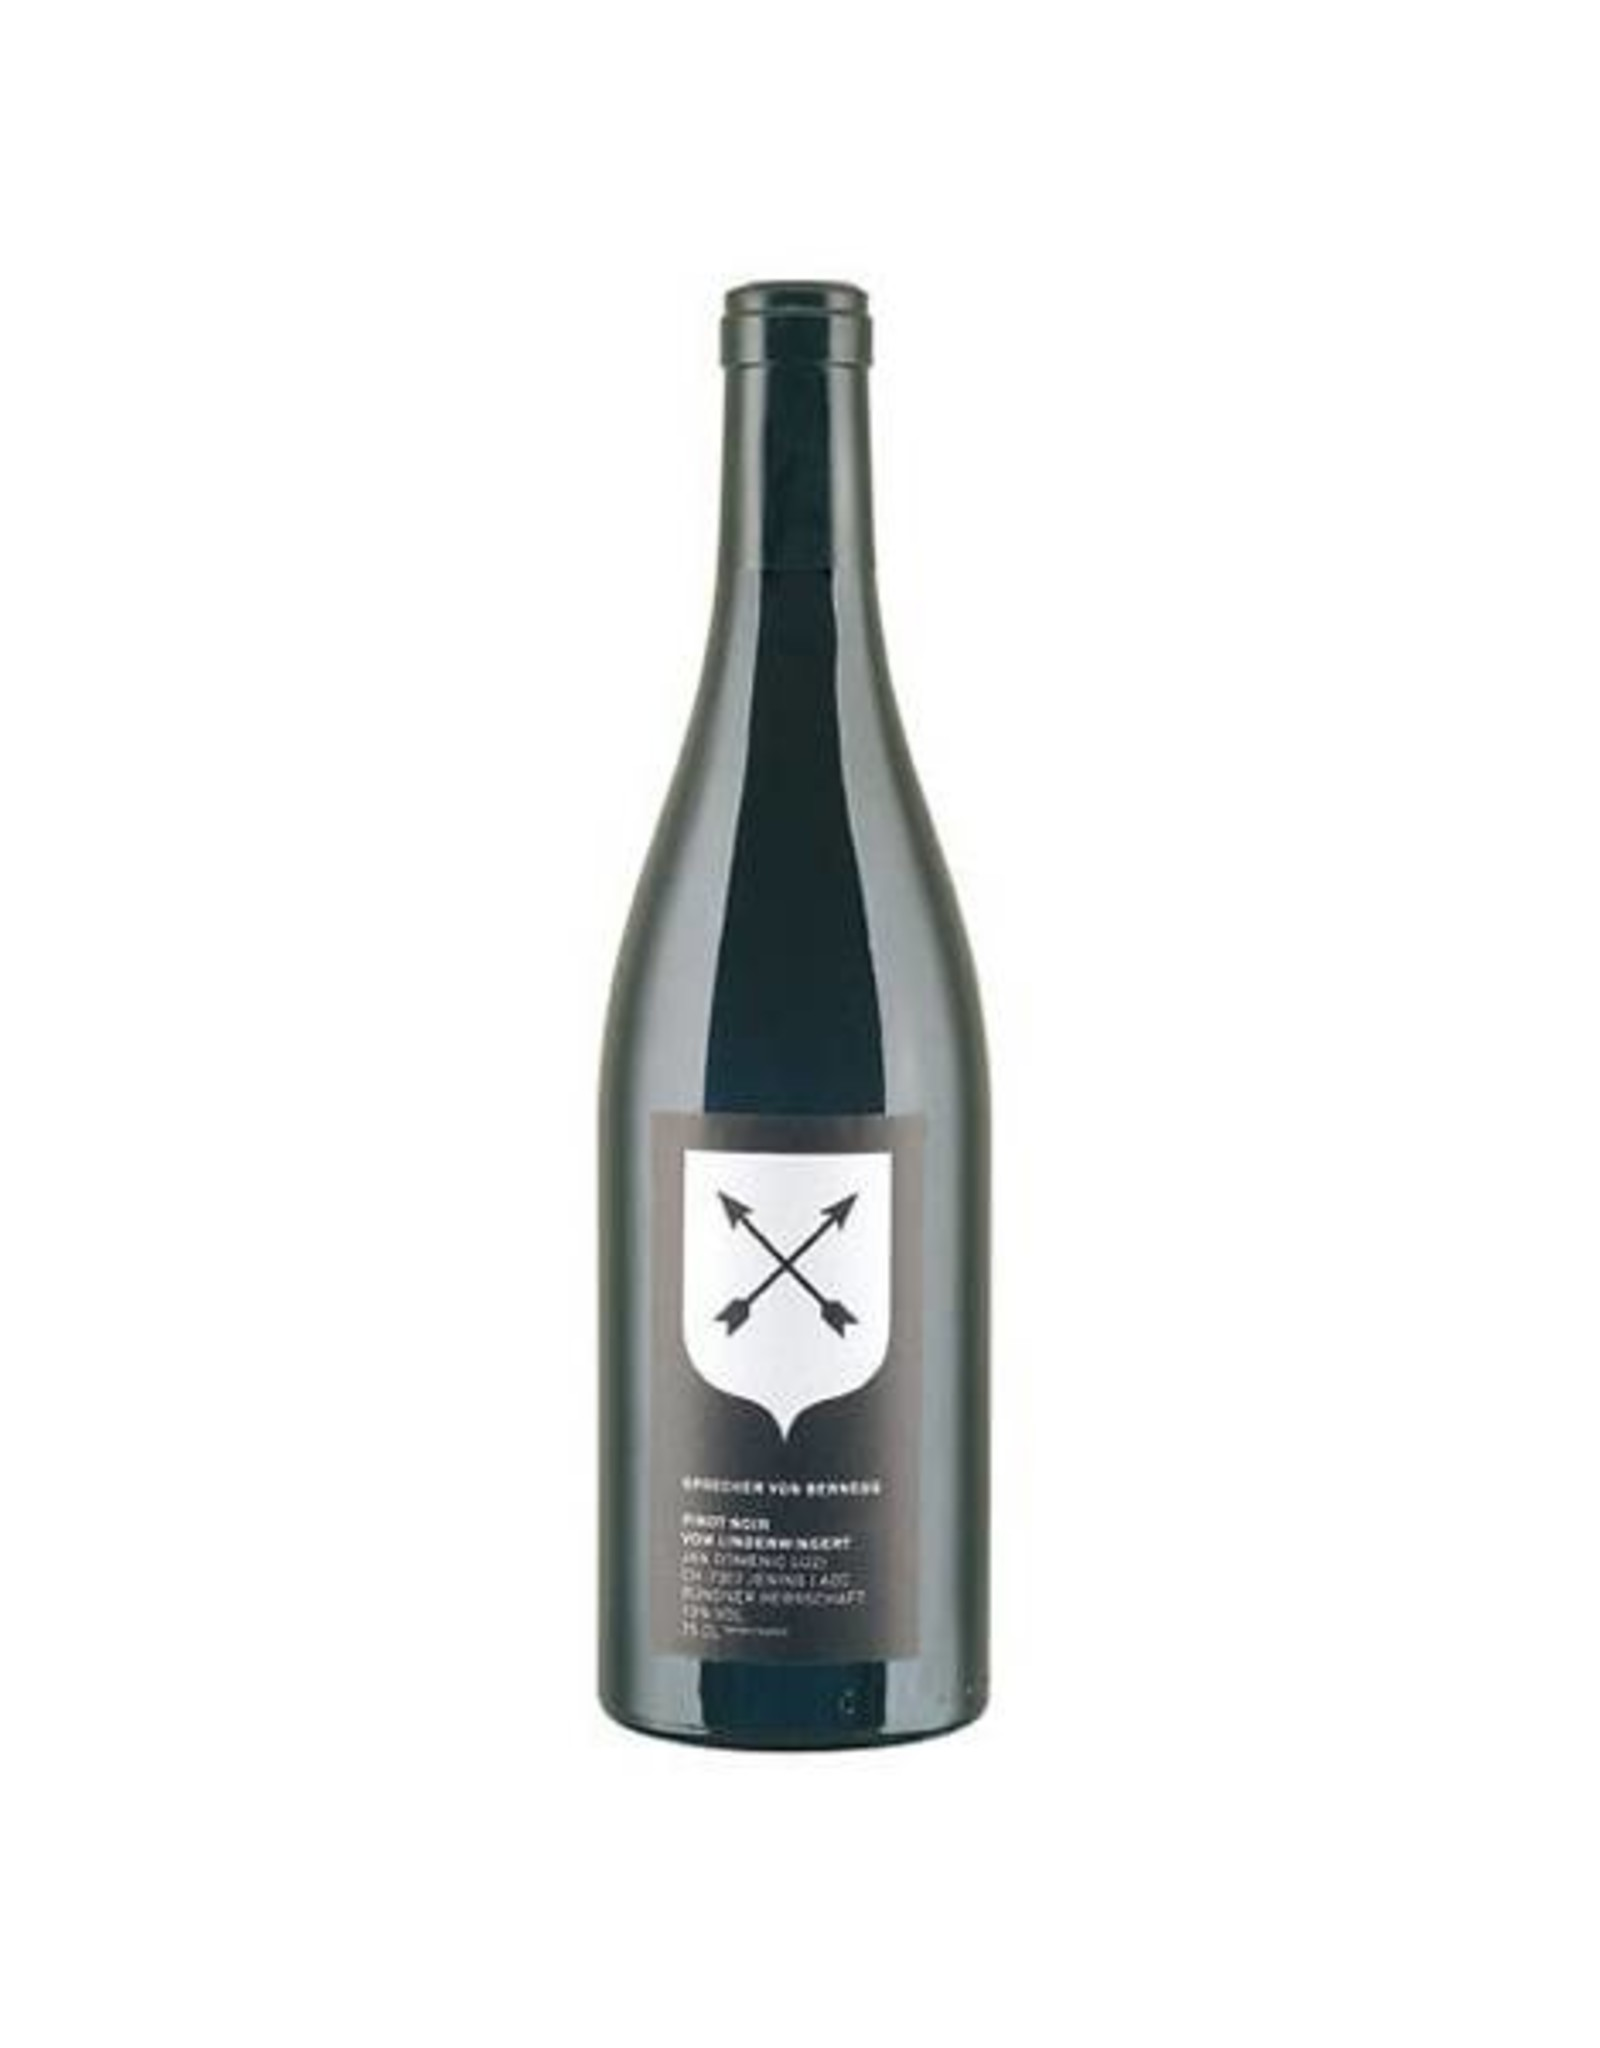 Sprecher von Bernegg, AOC Graubünden, Pinot Noir vom Lindenwingert